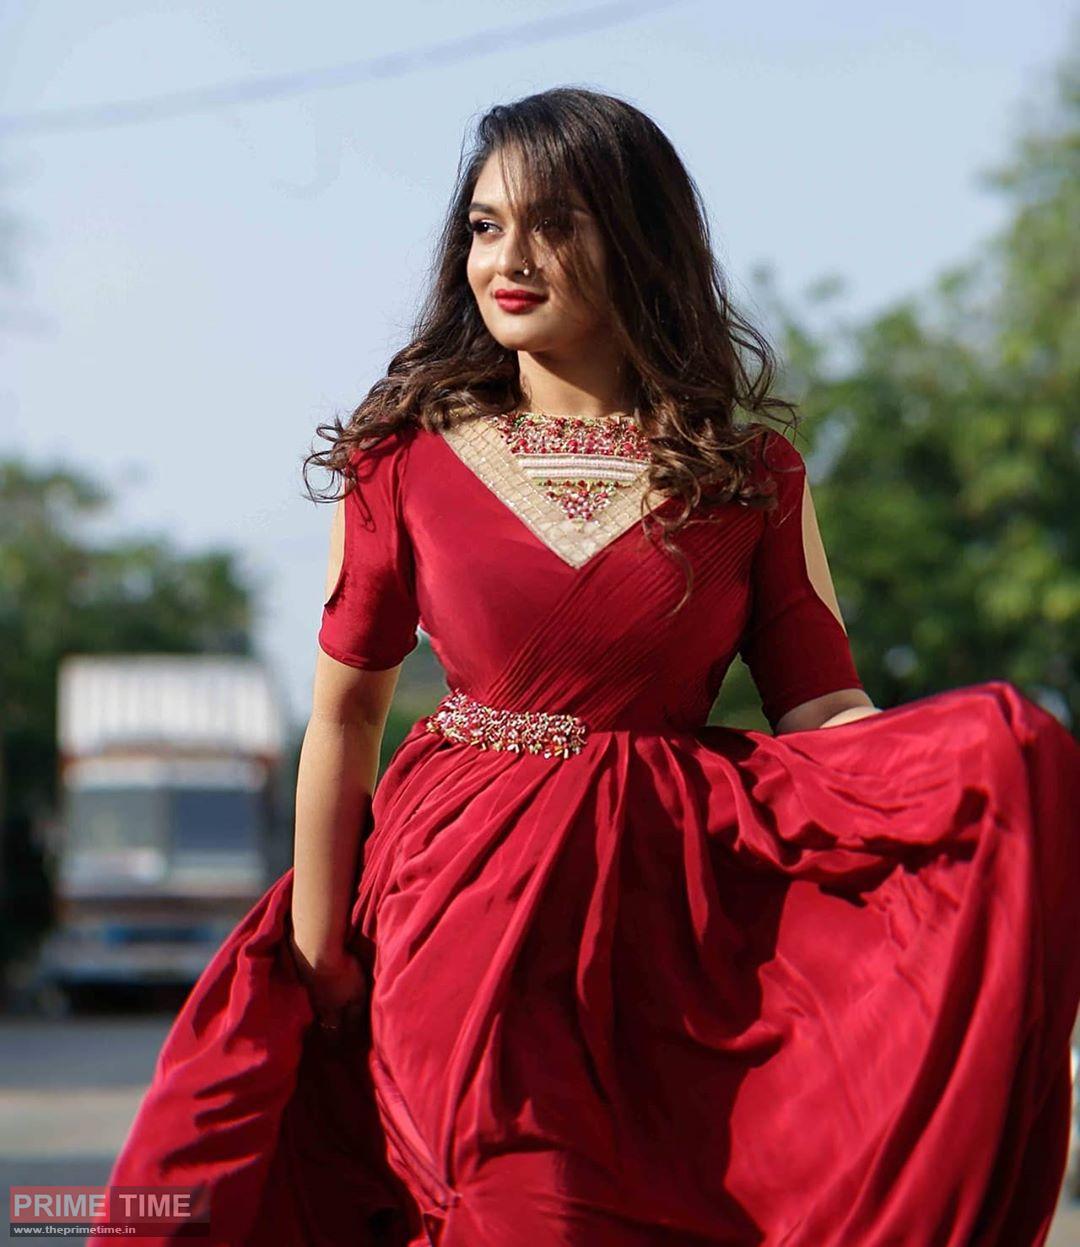 Prayaga Martin Photoshoot 1